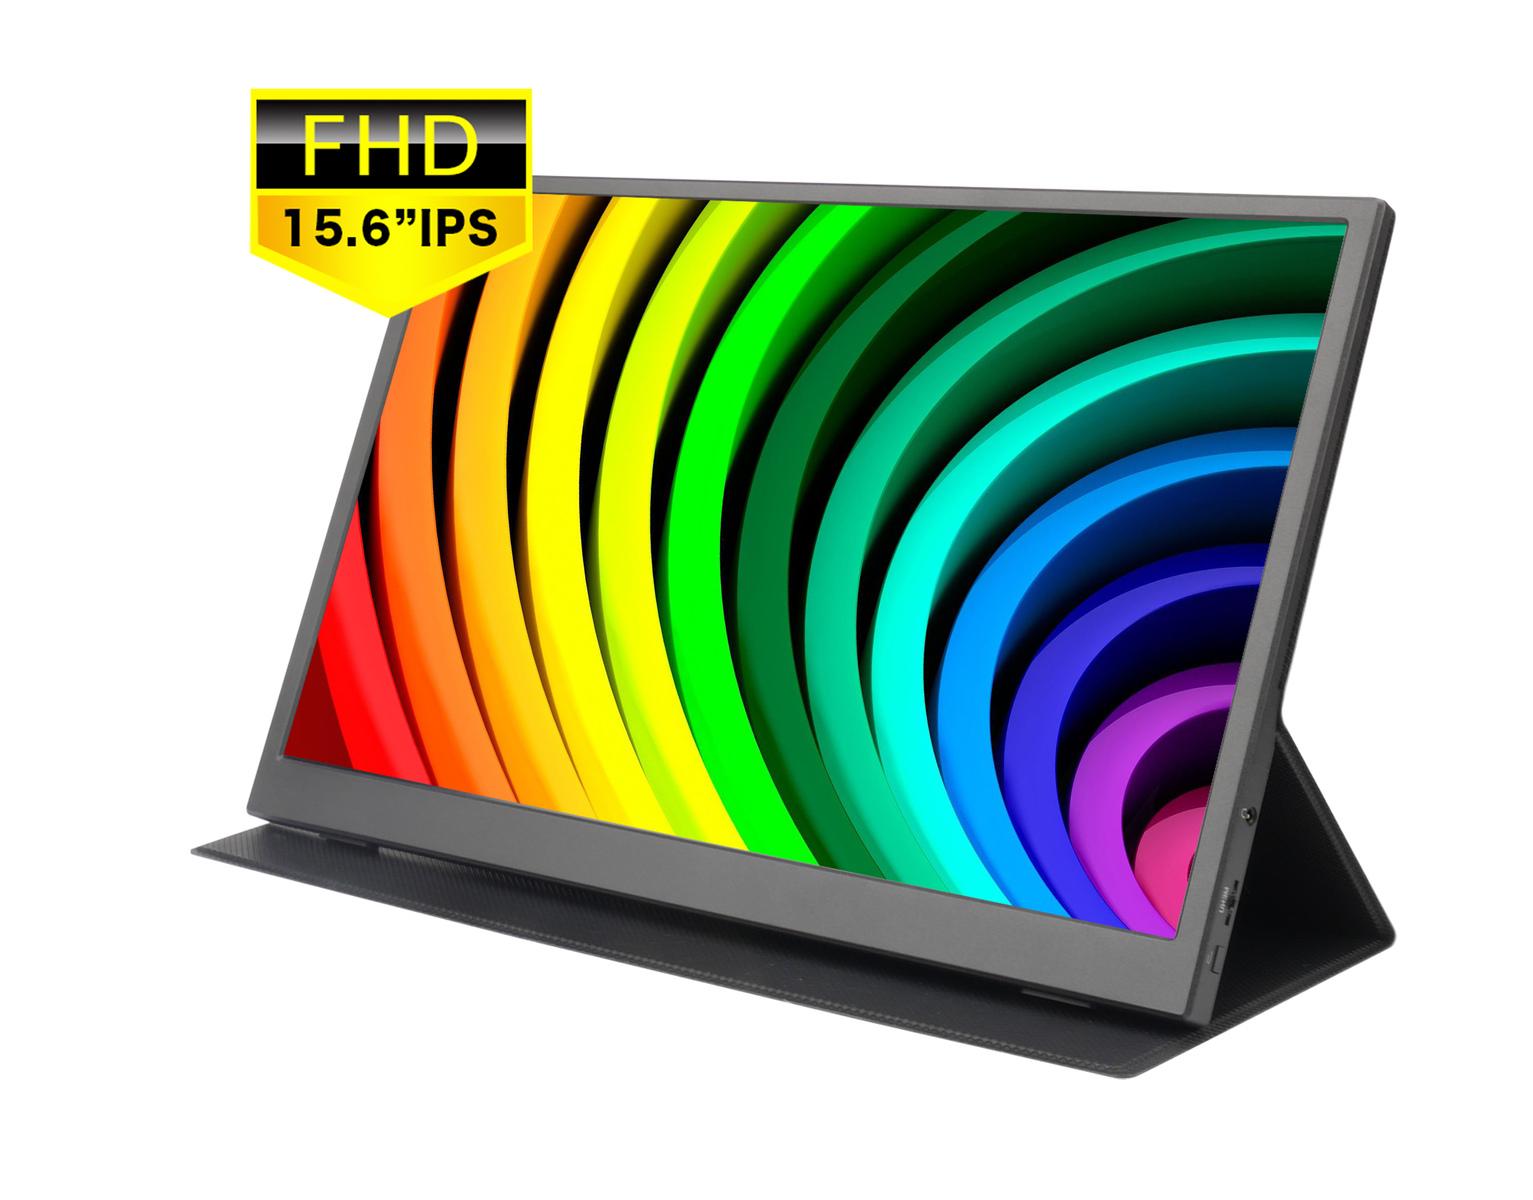 --送料無料-- 【2020年春夏モデル】1080P モバイルモニター 15.6インチ 薄さ9mmスーパースリム 1920x1080フルHD モバイルディスプレイ テレワーク対応 スイッチ用モニター IPS液晶パネル 薄型軽量 YouTube/PS4/XBOX/Switch/PC/Macなど対応/USB Type-C/mini HDMI/スタンド付 /